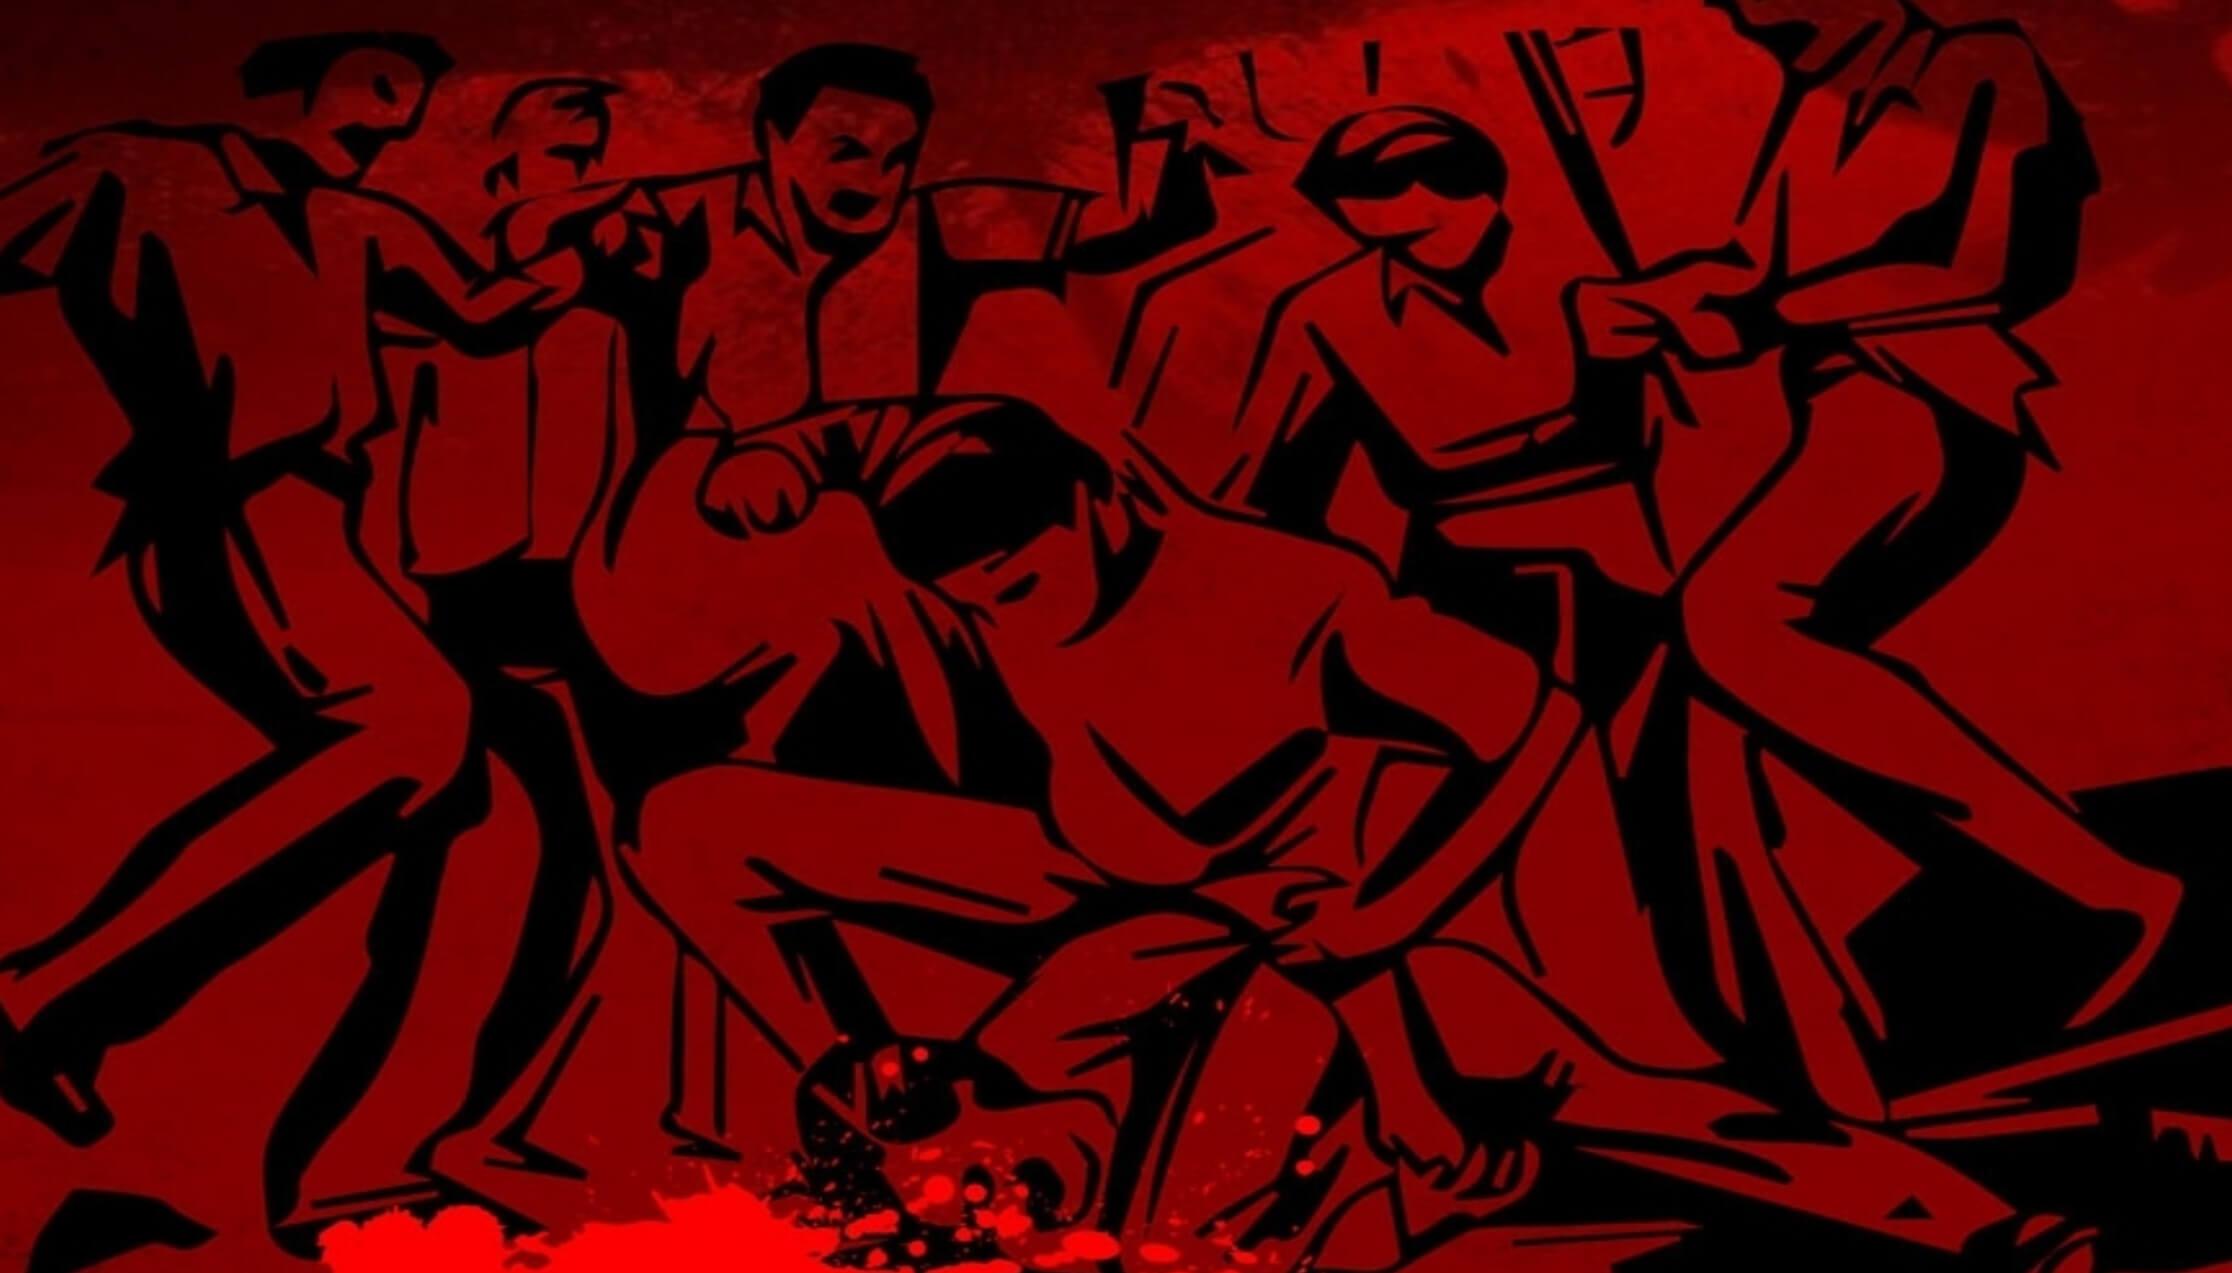 গণ হত্যাৰ সন্দৰ্ভত সমিতি গঠন কৰিব কেন্দ্ৰীয় চৰকাৰে